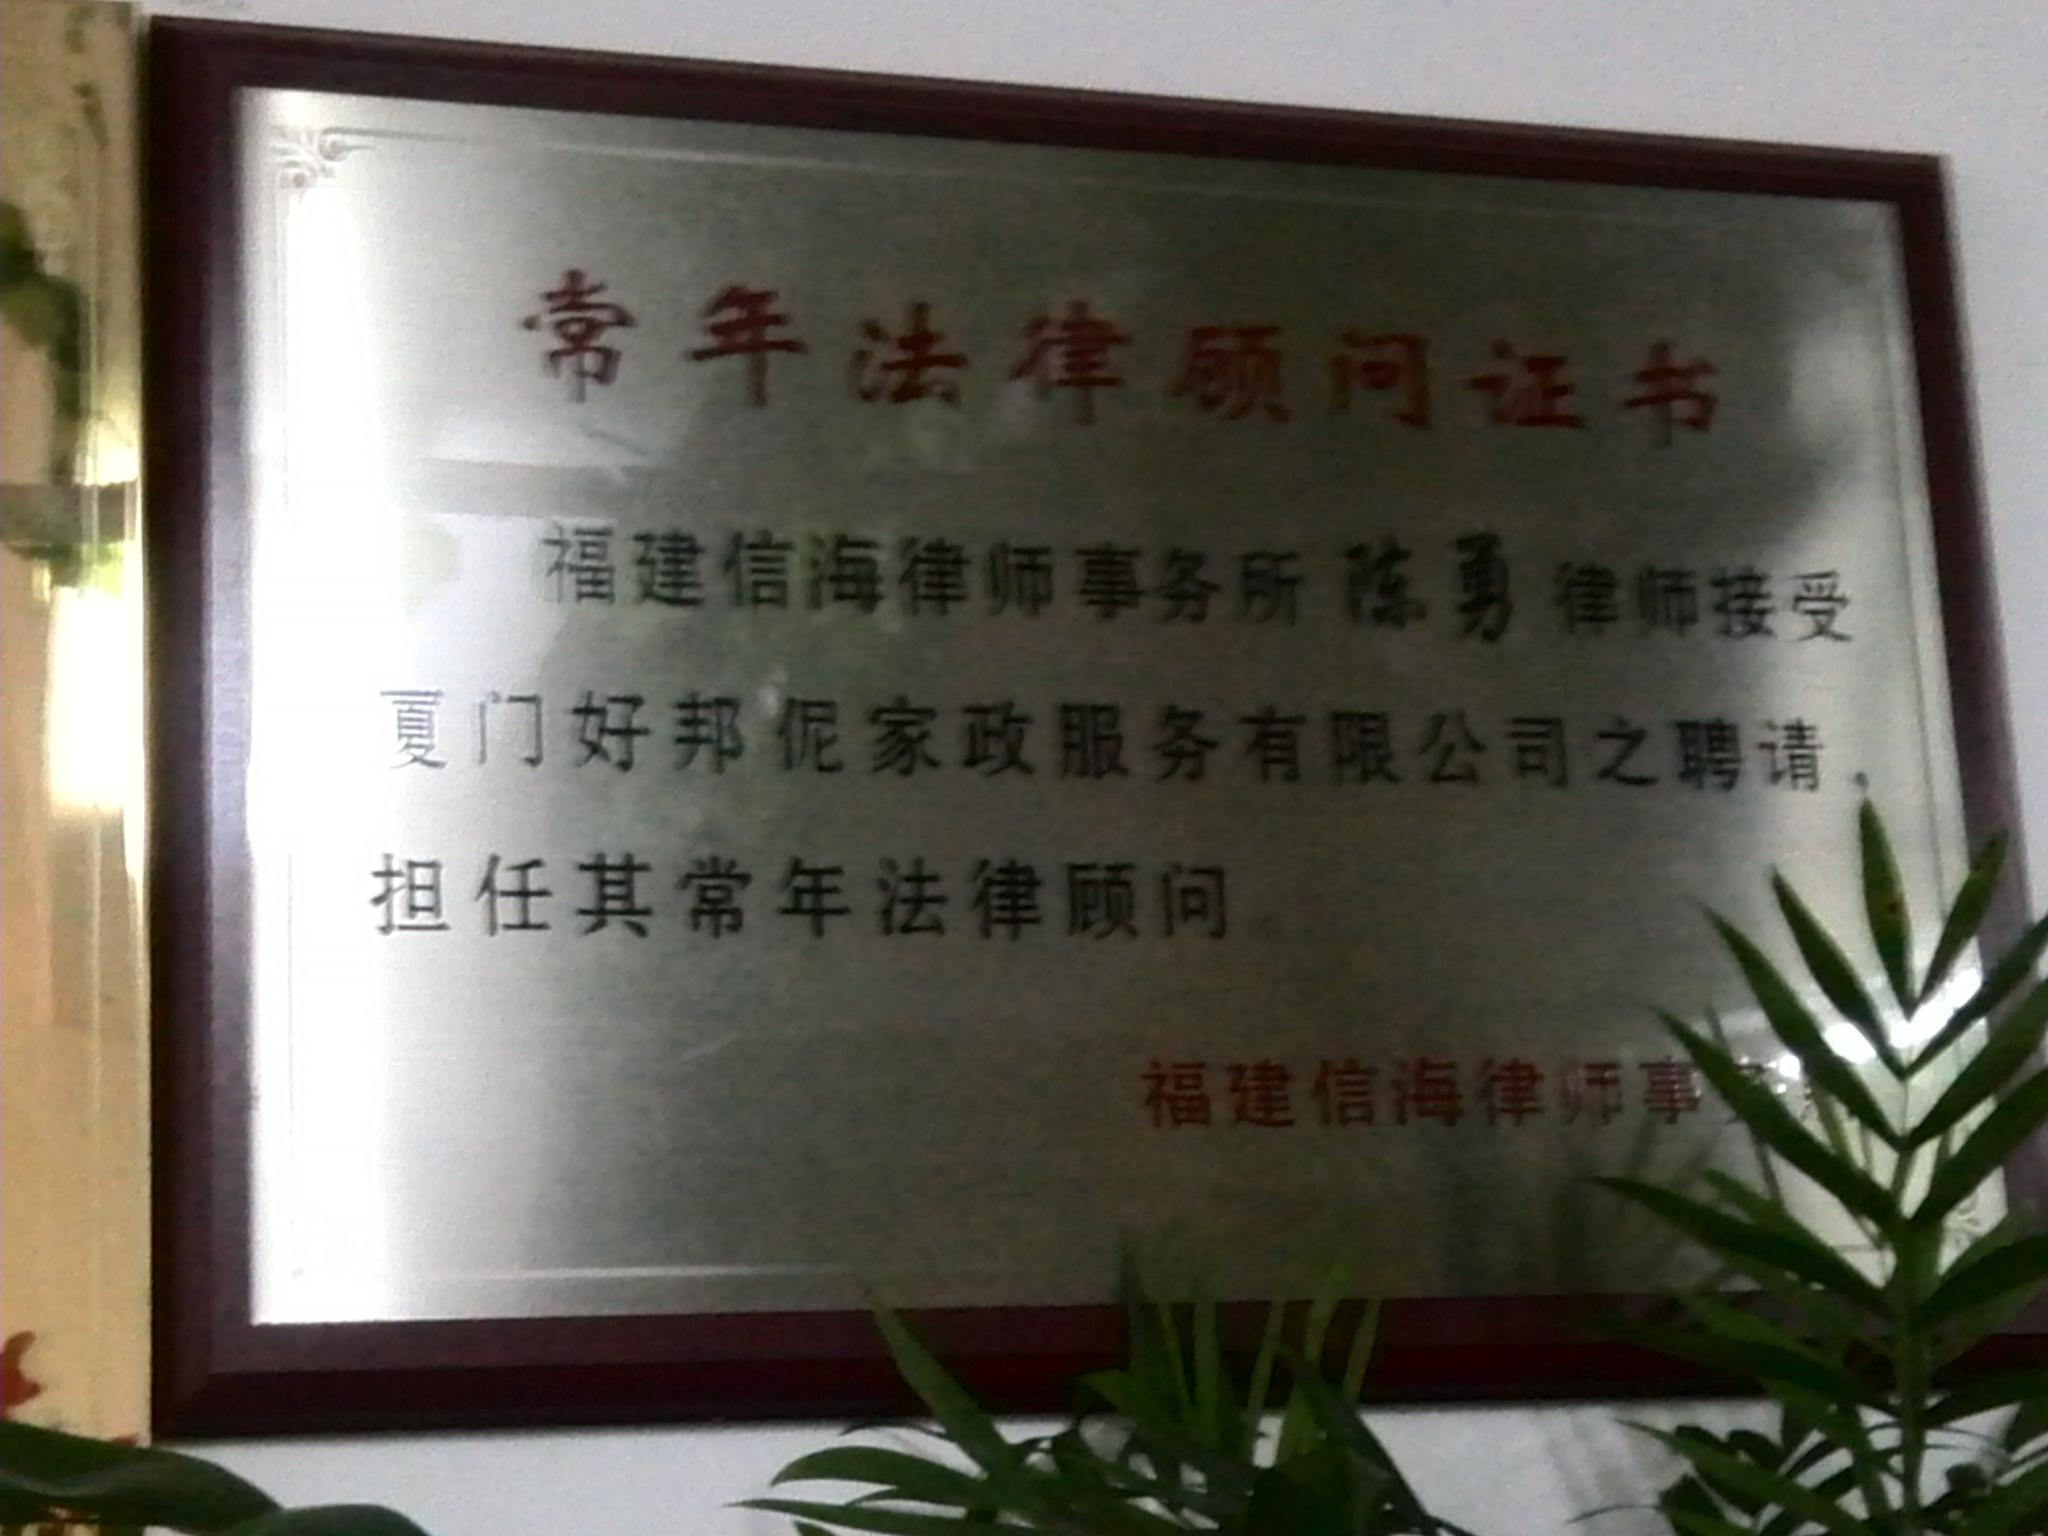 海阳律师|海阳律师事务所|善策律师  山东善策律师事务所